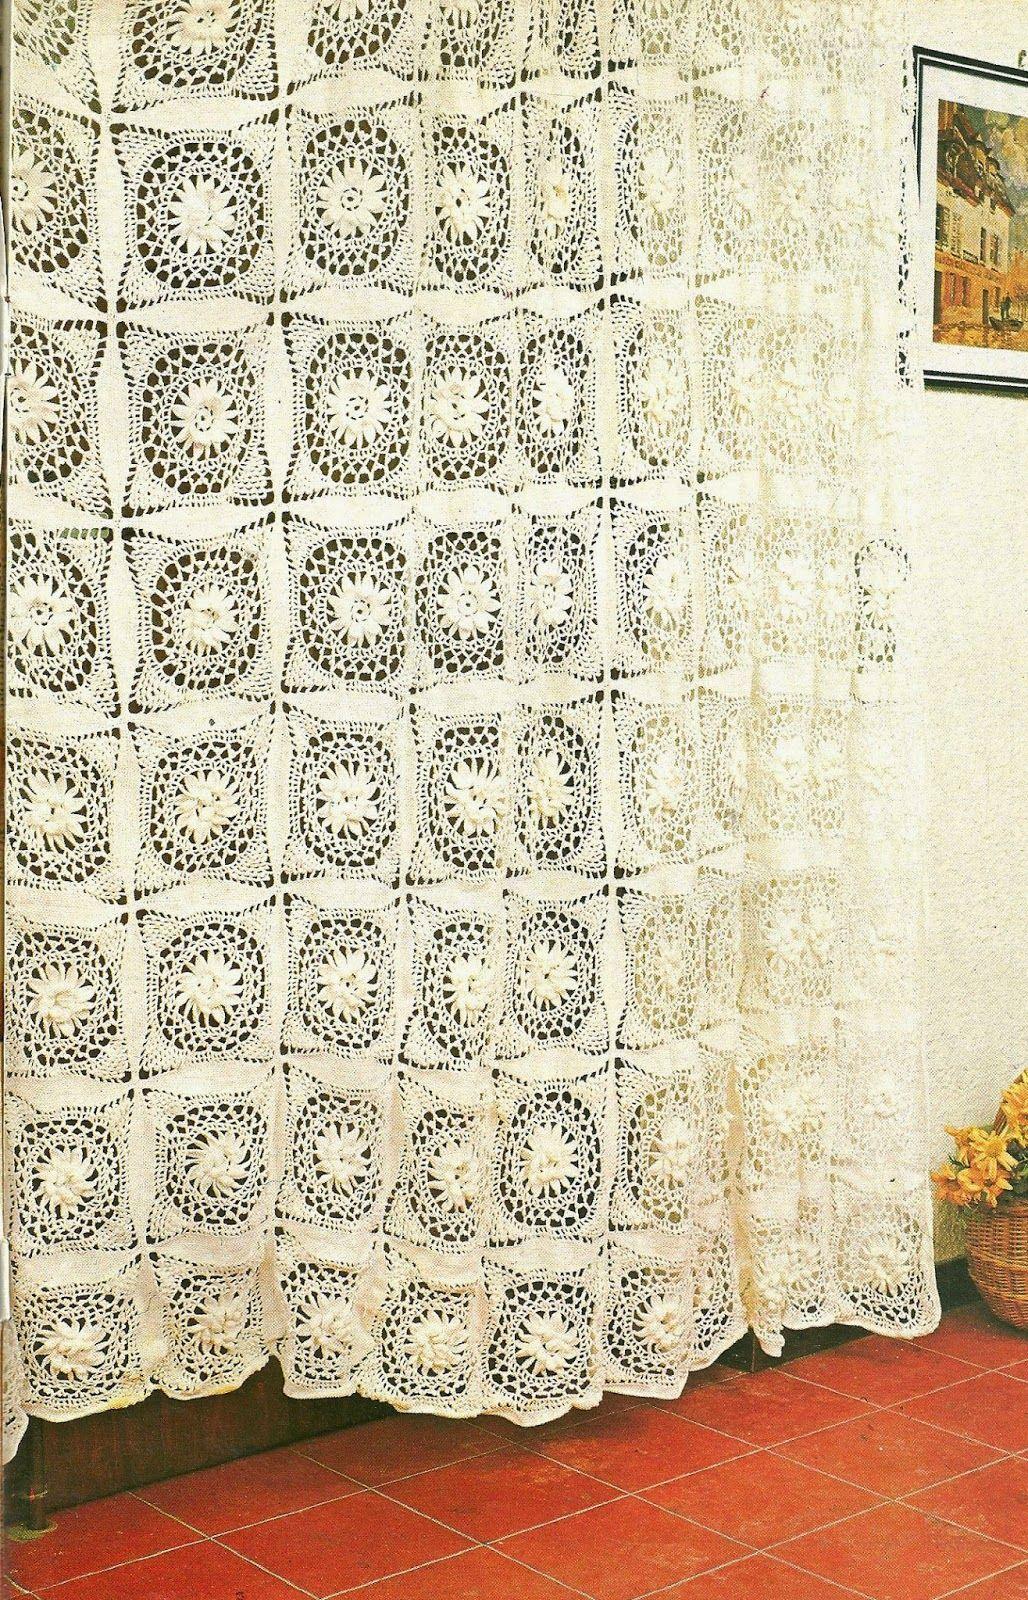 tejidos artesanales: cortina con motivos de flores en relieve ...